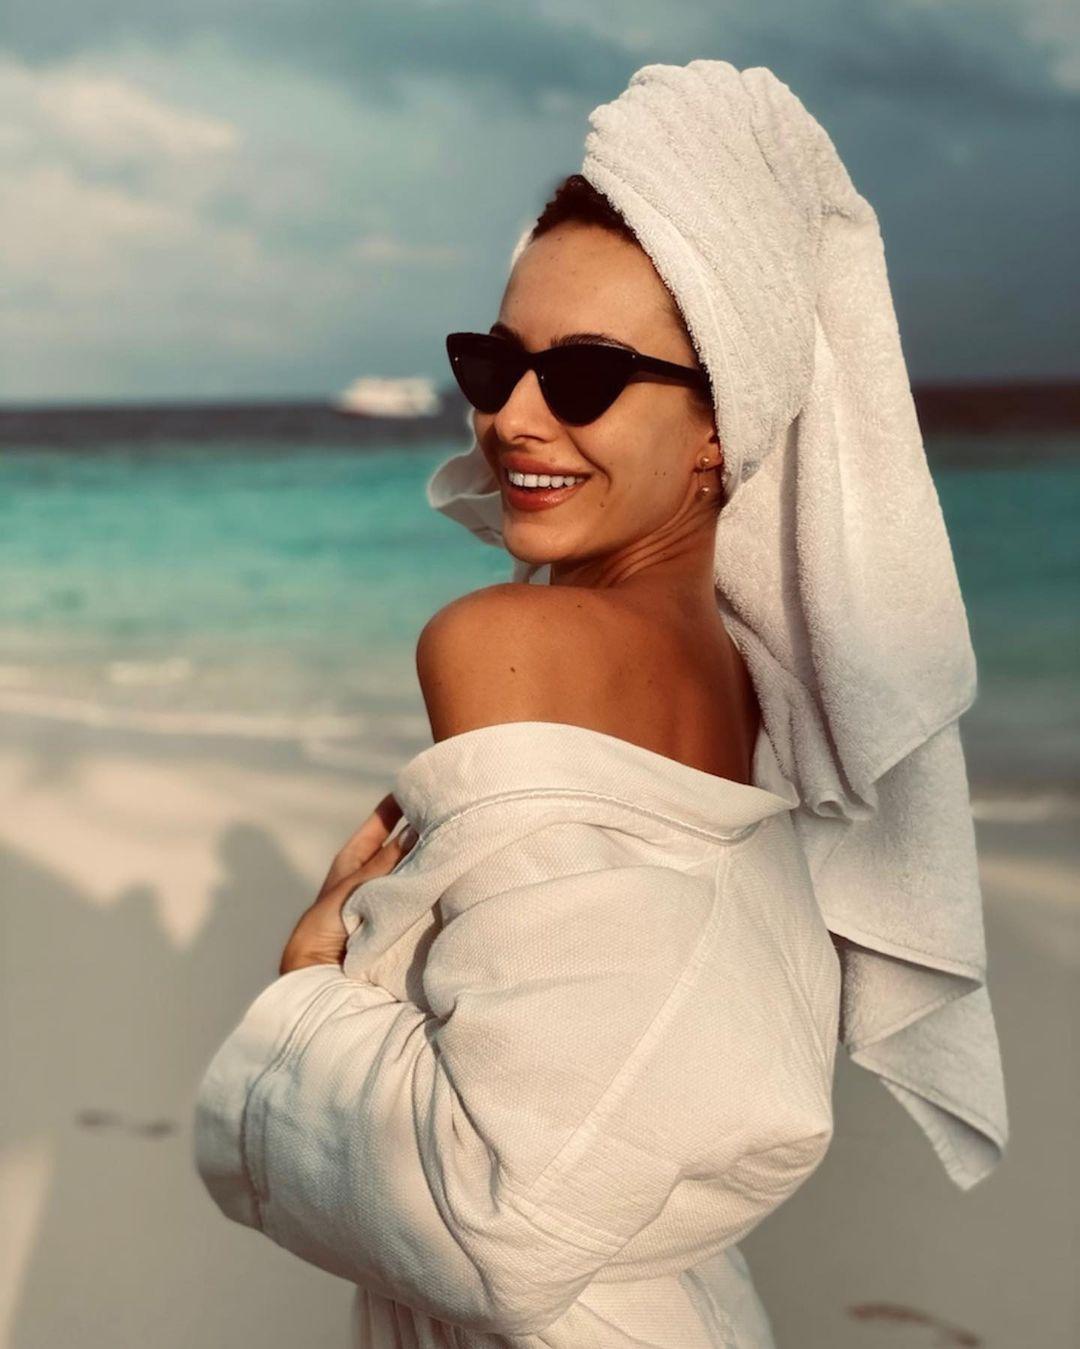 Жена Остапчука засветила стройные ножки на пляже